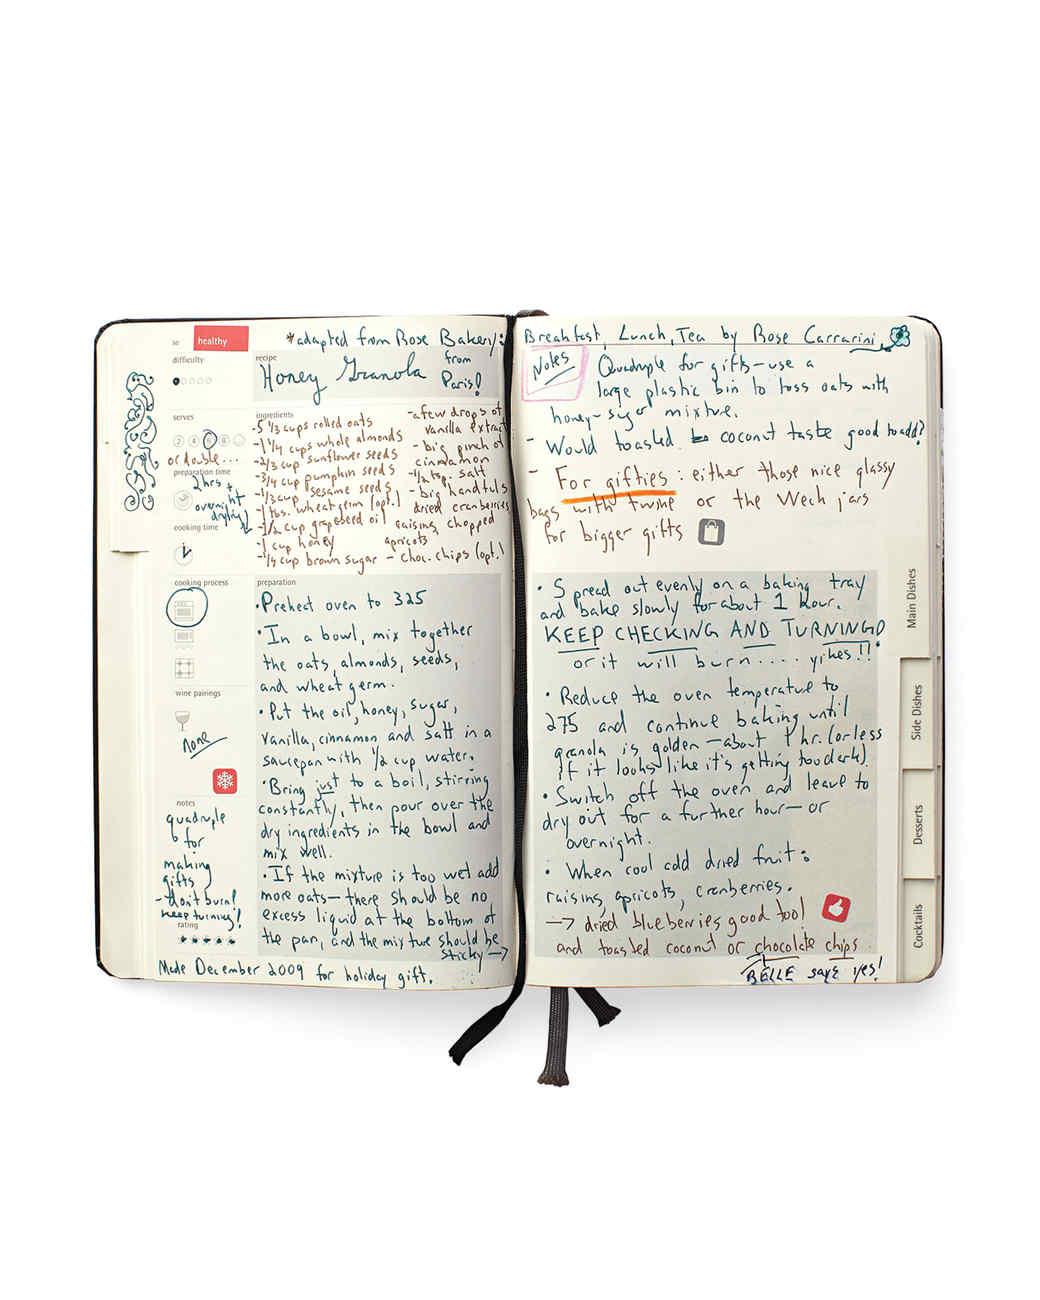 recipe-book-md108096.jpg